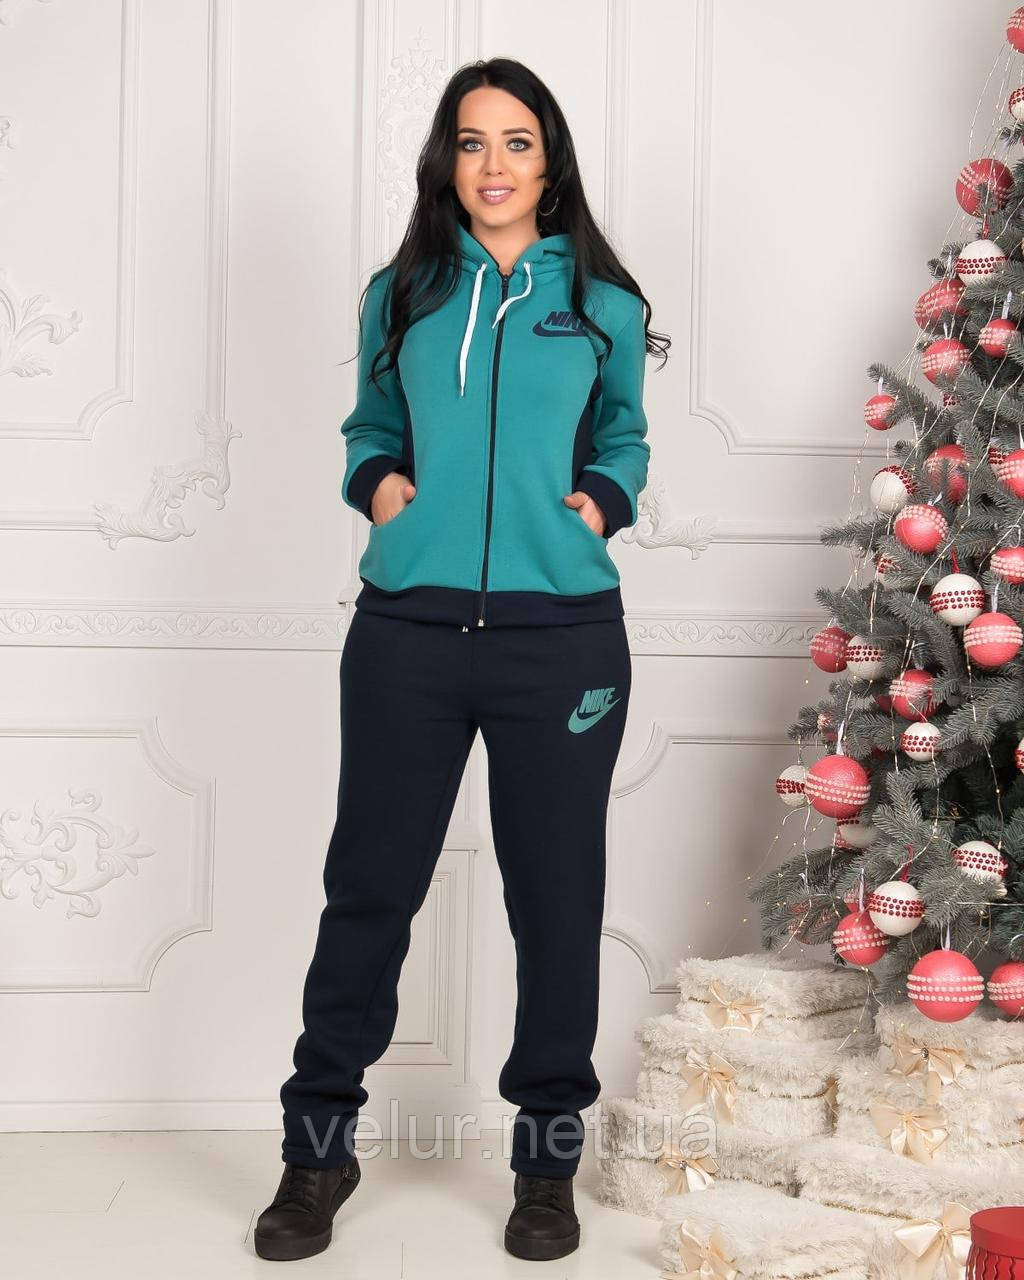 Жіночий трикотажний спортивний костюм на флісі-3 кольори, Розміри:48